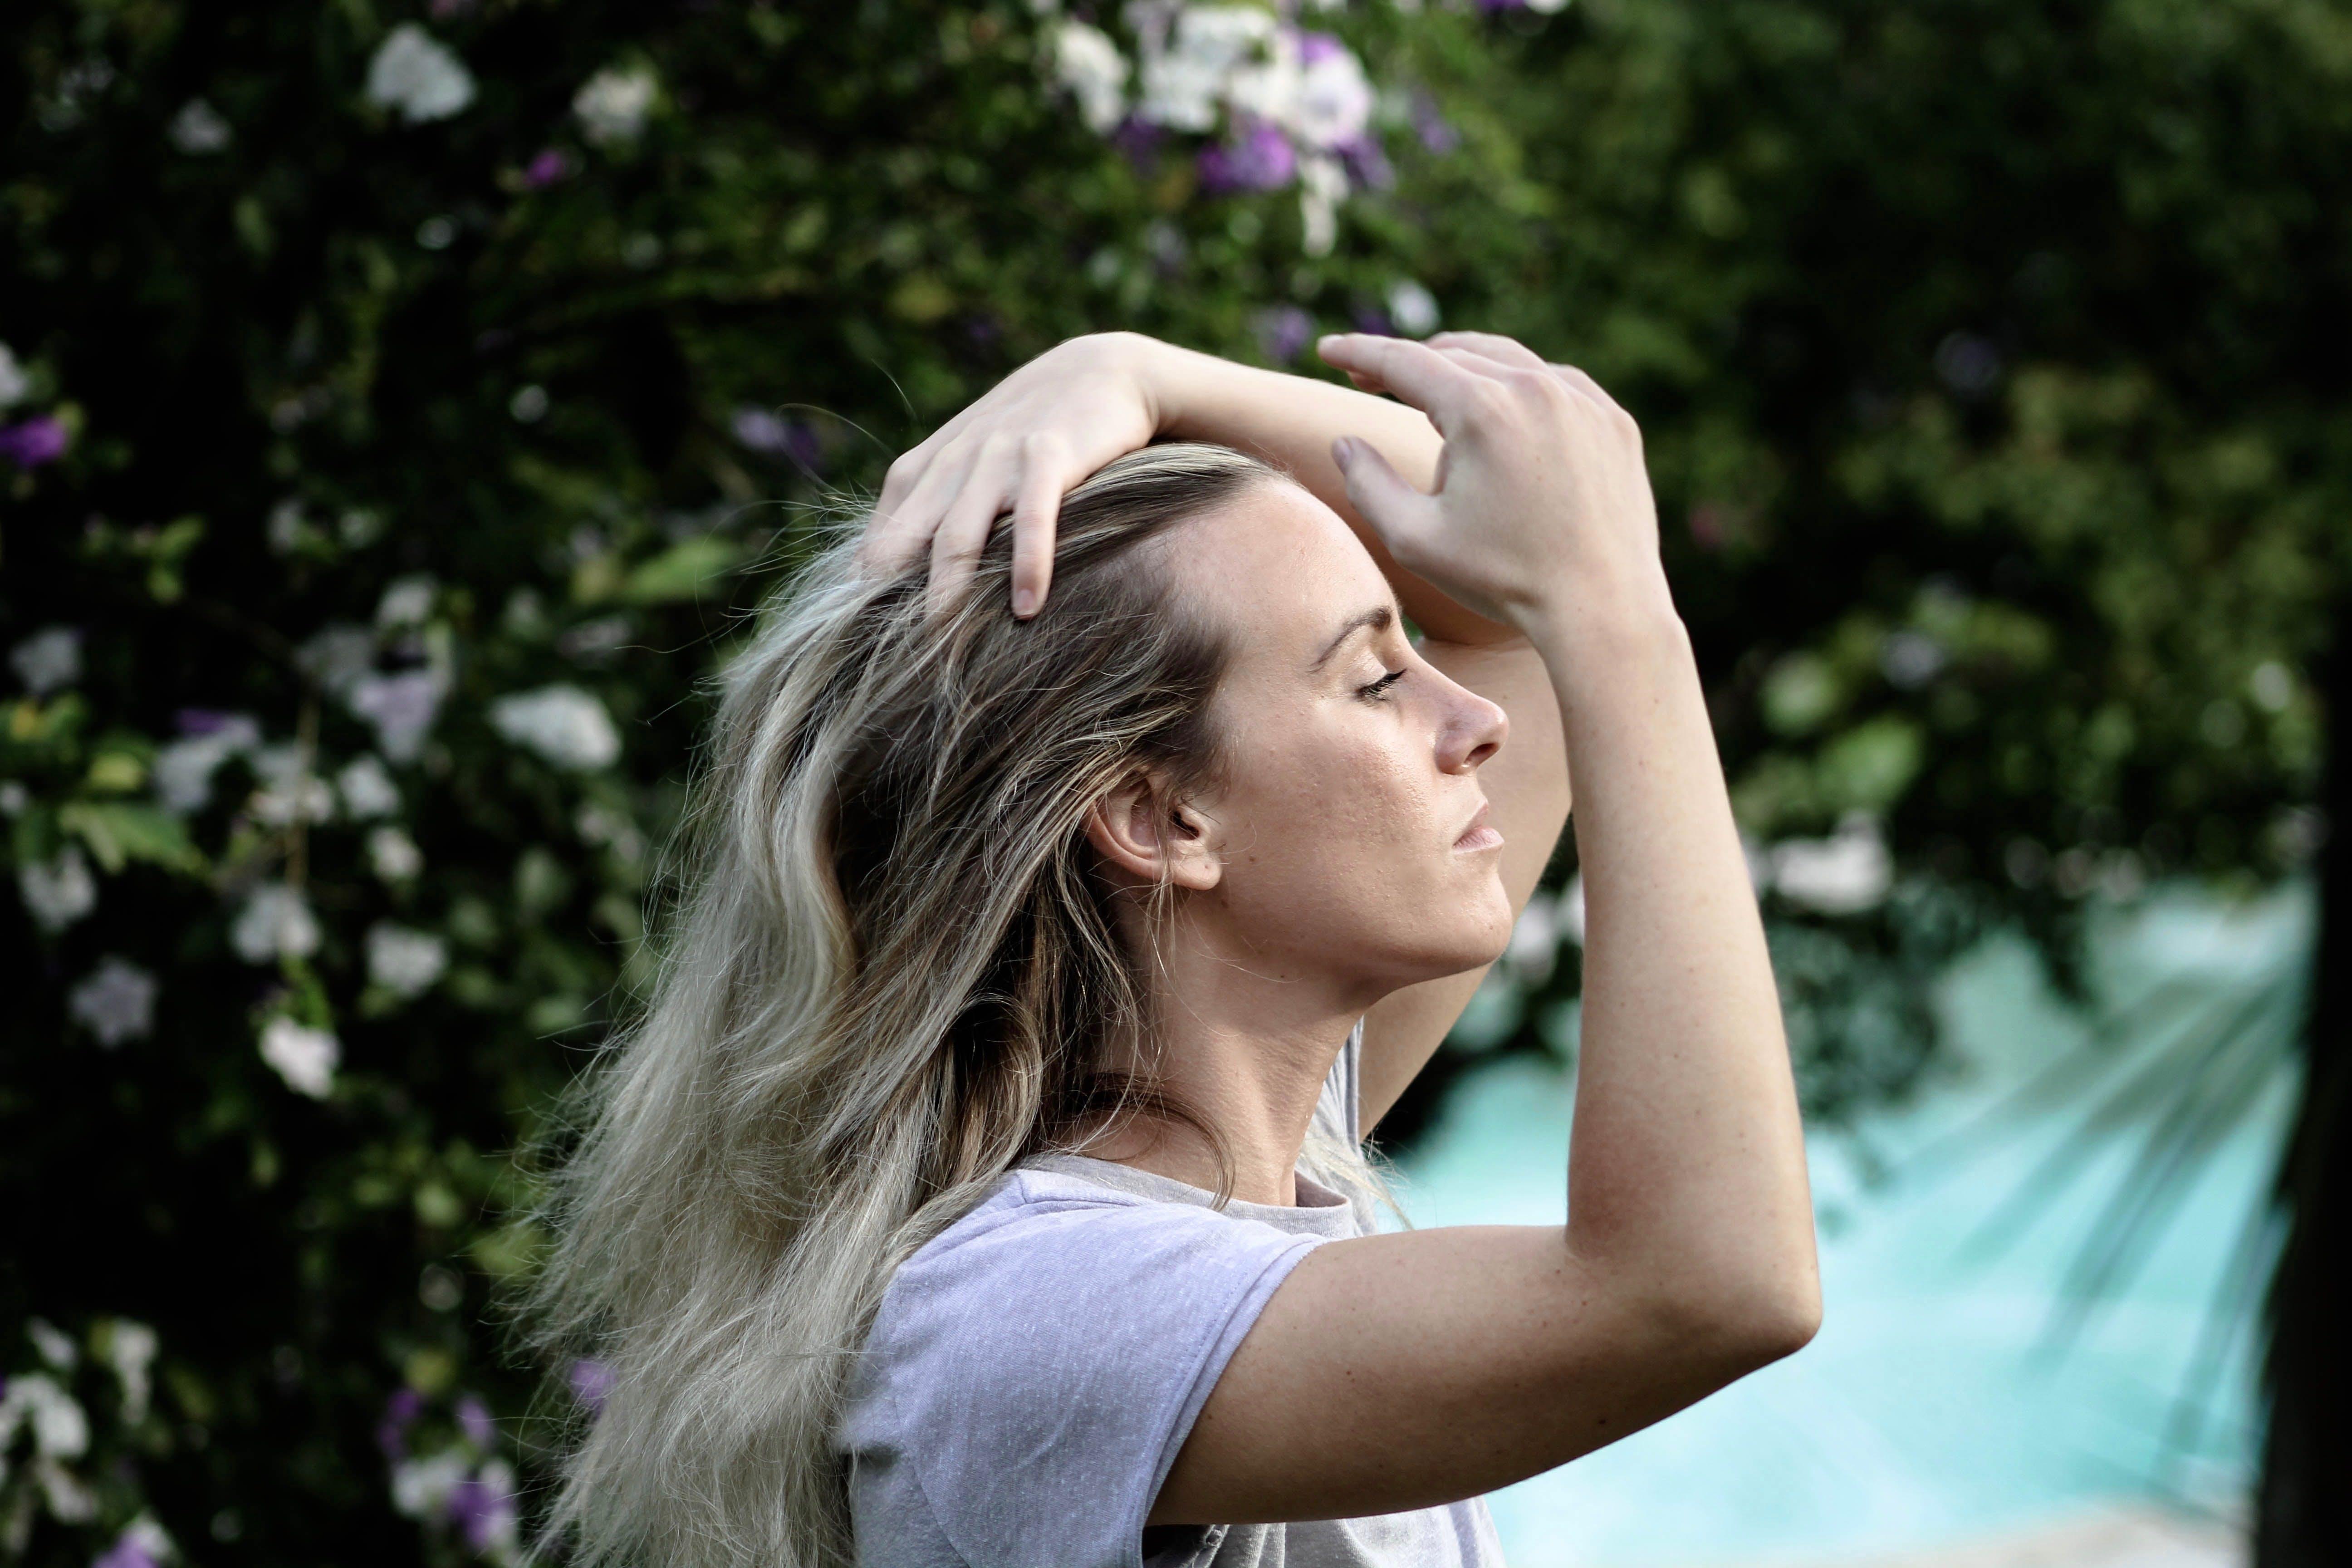 Kostenloses Stock Foto zu beschäftigt, betrachtung, blau, blondes haar